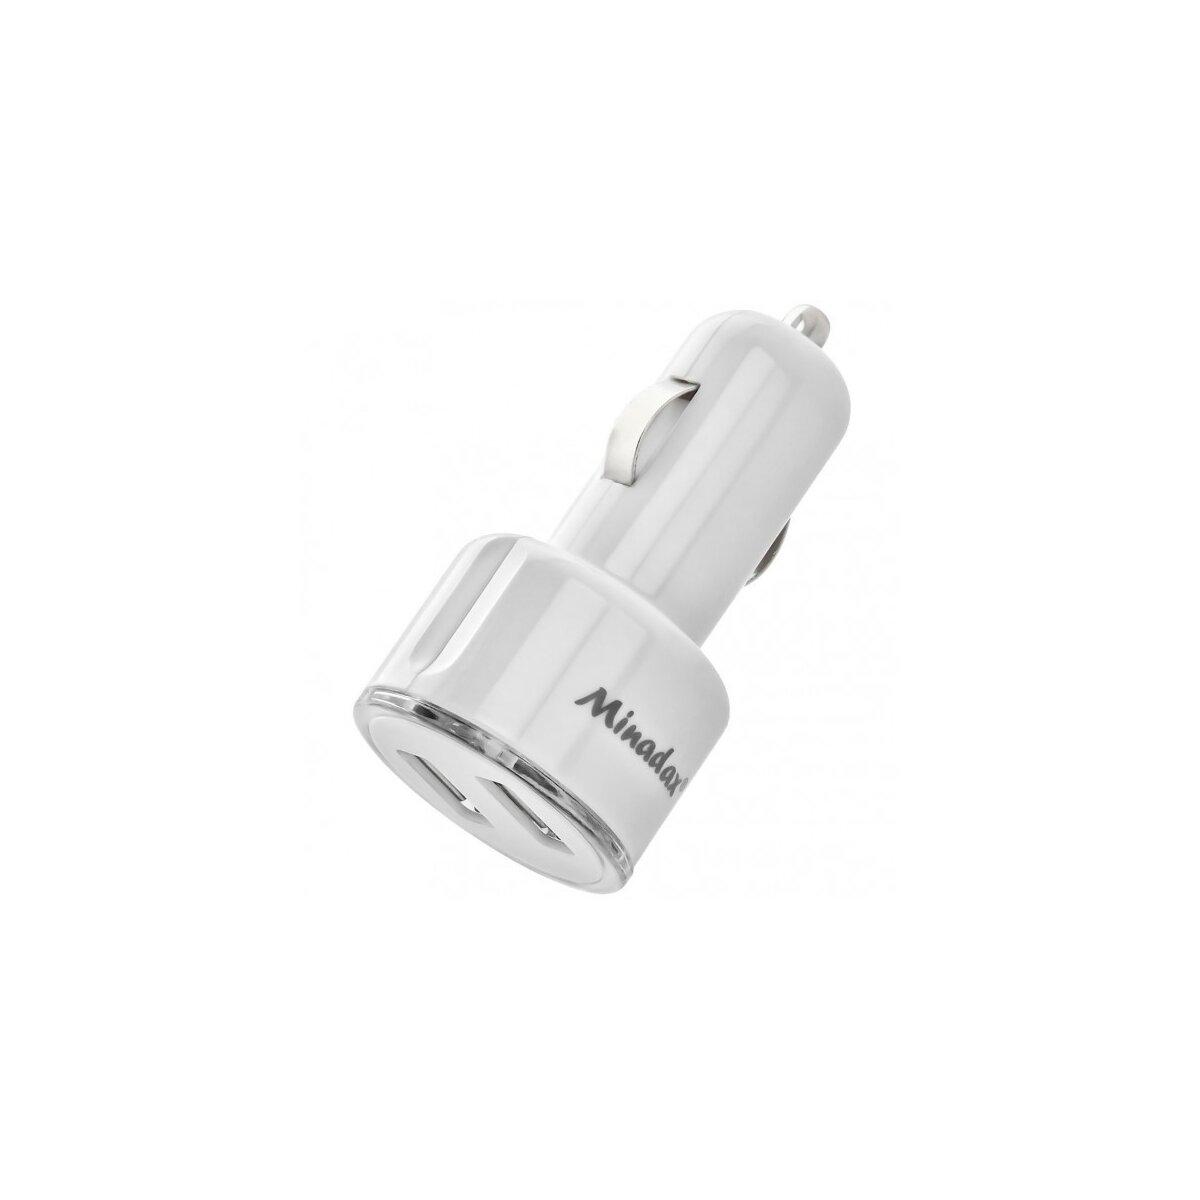 Minadax® Kfz USB Dual Adapter 2100mAh Power 2-Port Schnell Ladegeraet